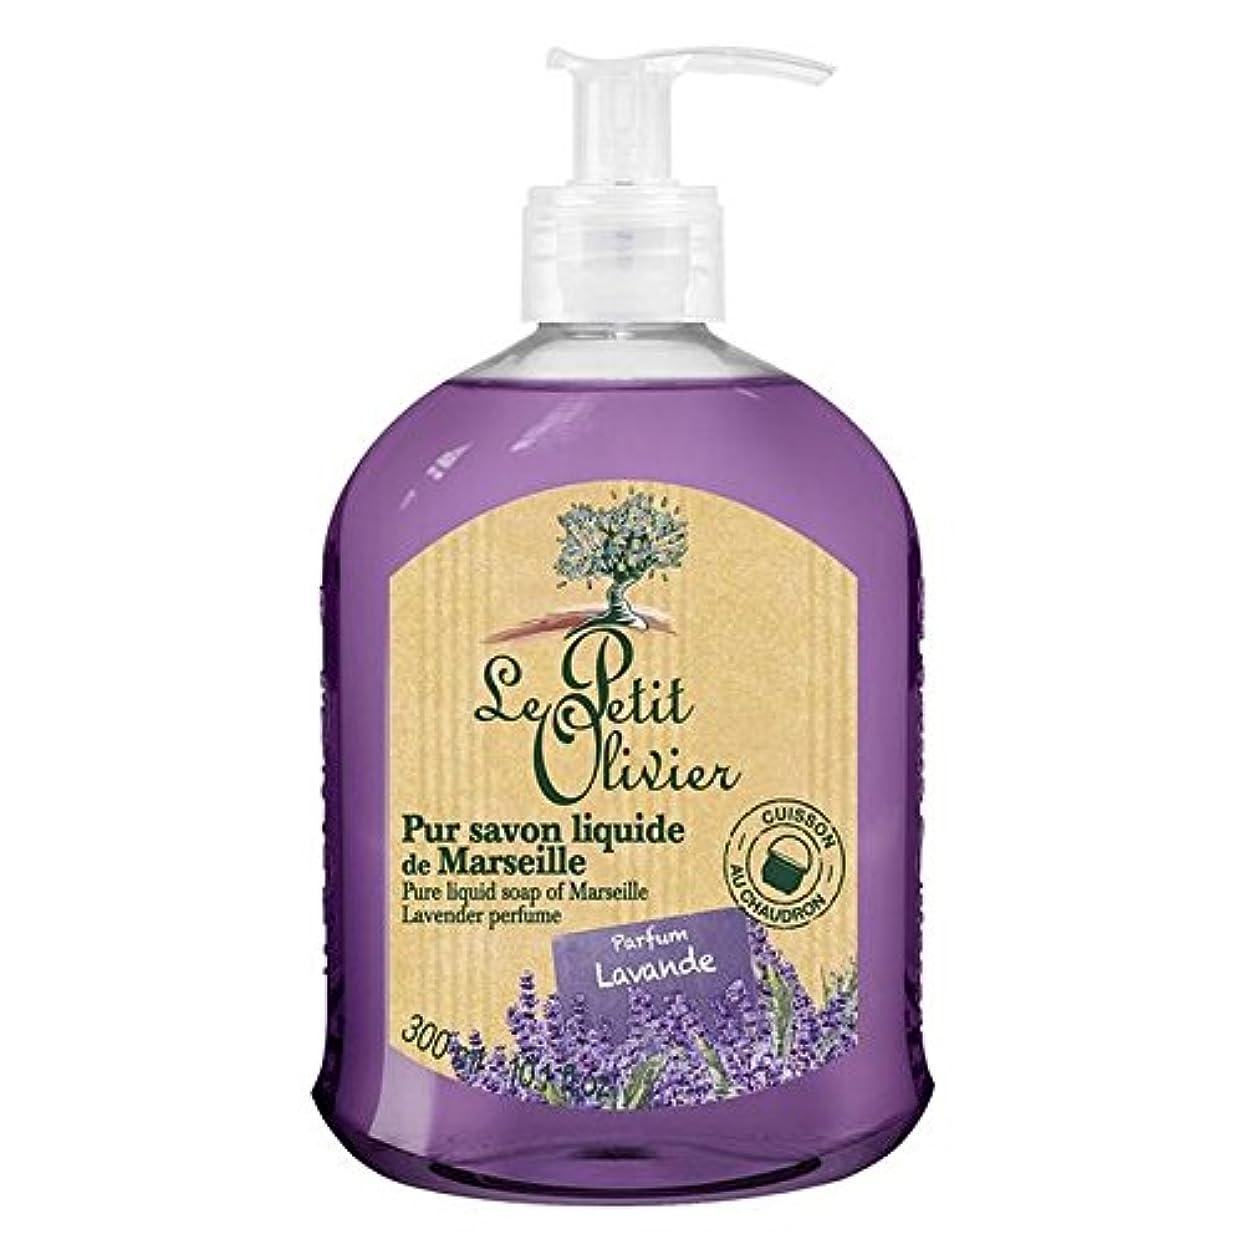 革命的法廷扇動マルセイユのル?プティ?オリヴィエ純粋な液体石鹸、ラベンダー300ミリリットル x2 - Le Petit Olivier Pure Liquid Soap of Marseille, Lavender 300ml (Pack...